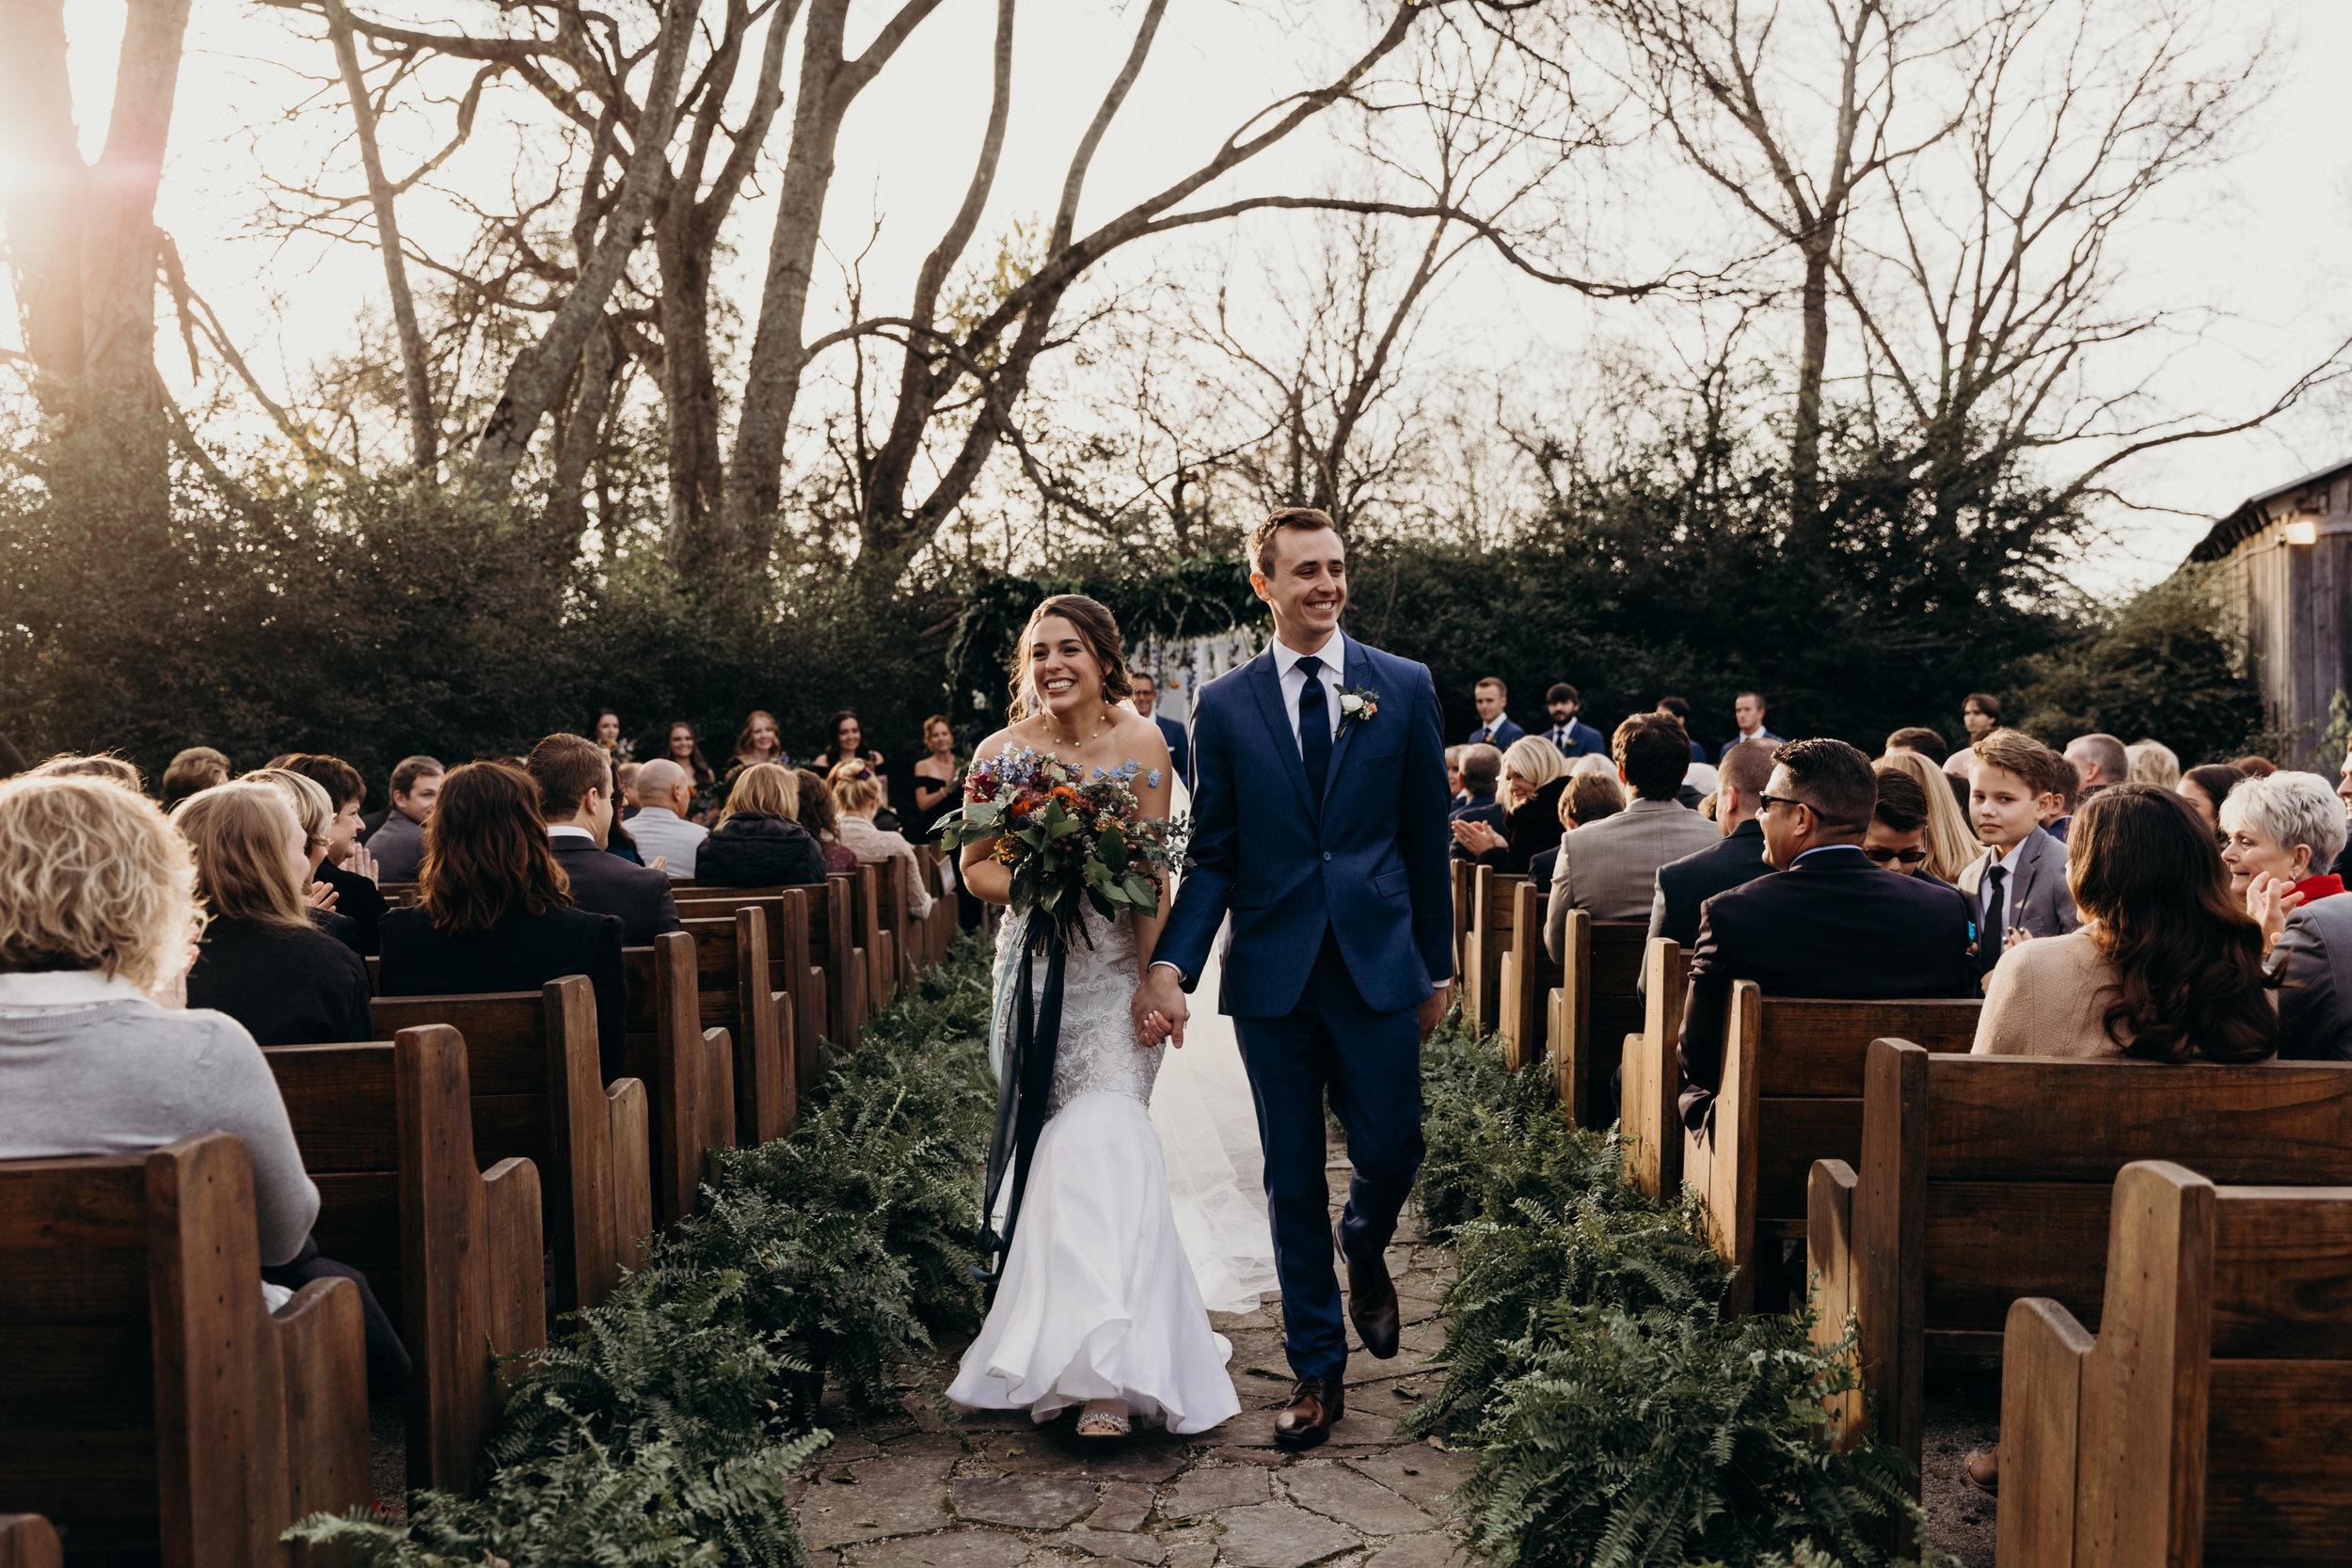 551-ltw-morgan-adam-wedding.jpg